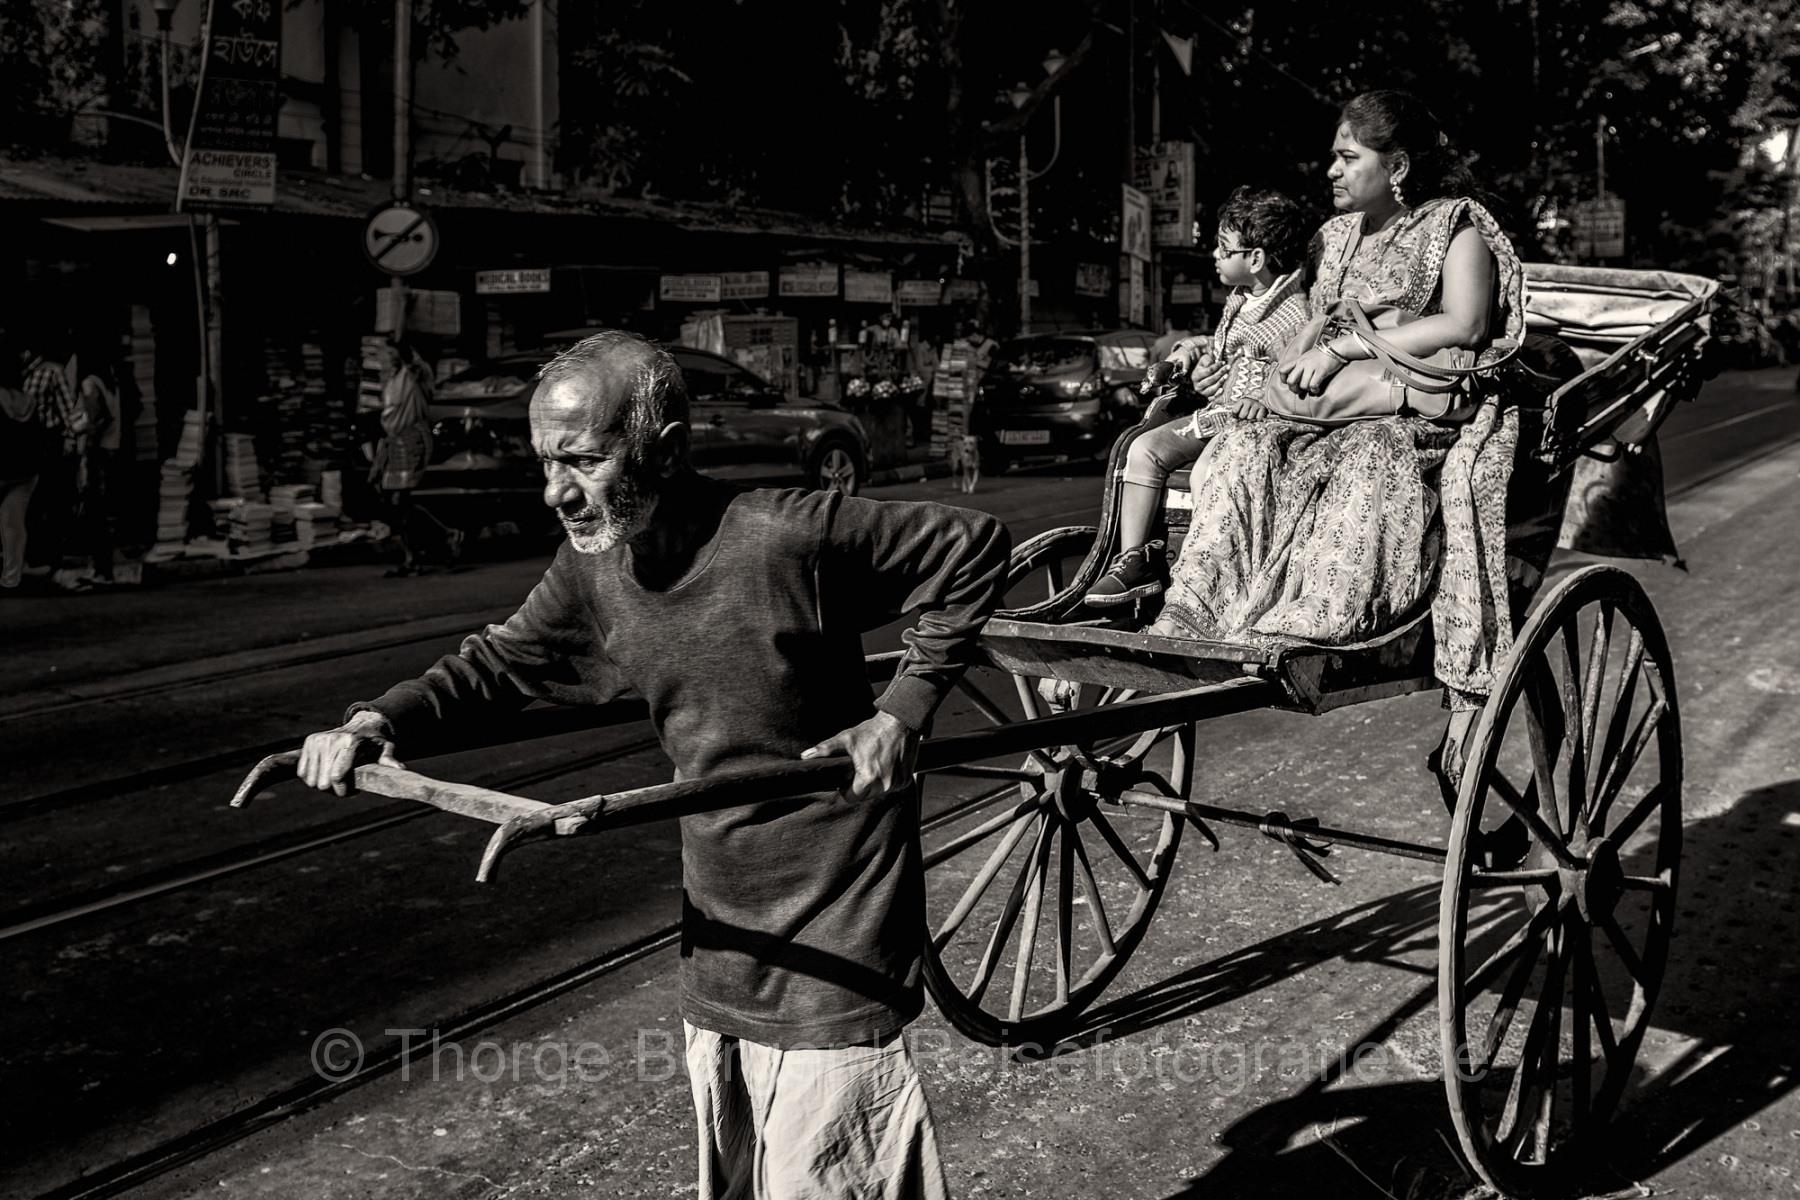 Rikshaw in Kolkata